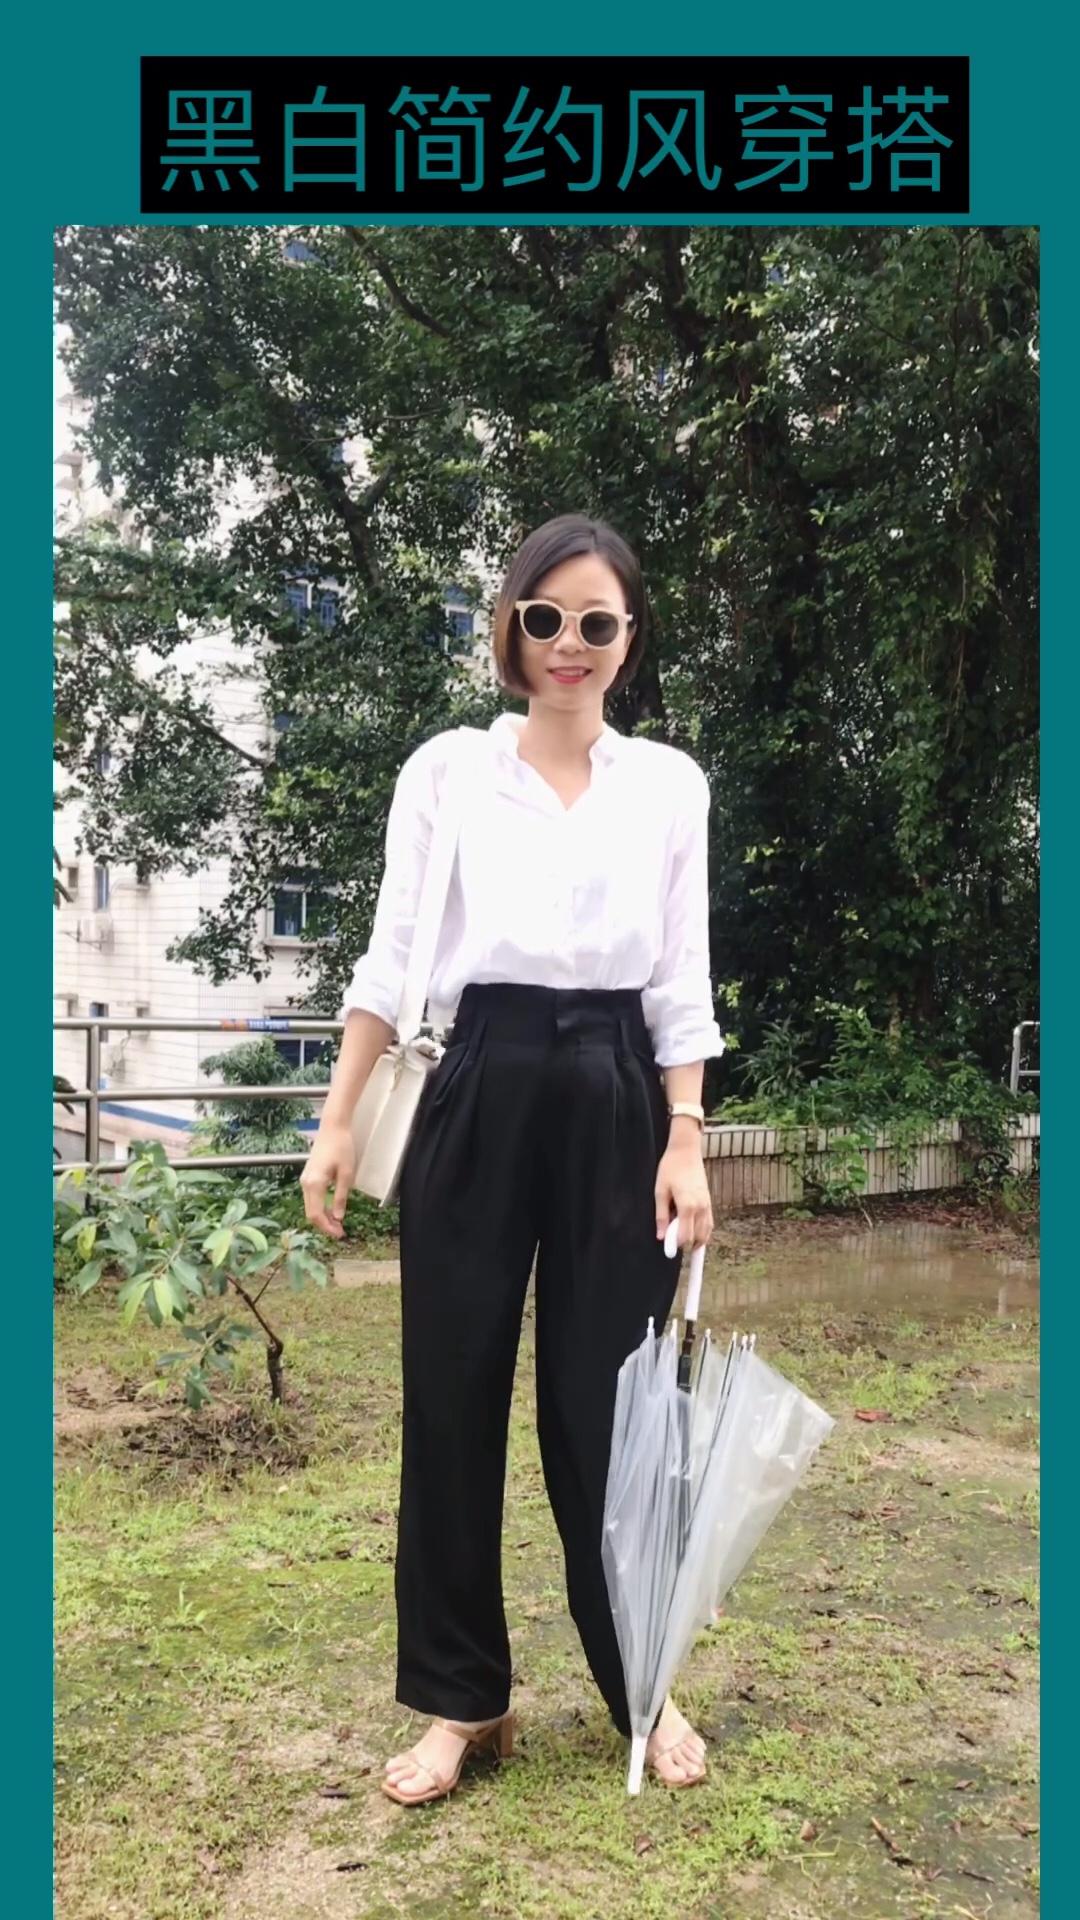 #六月穿好荔枝白,可口是你!# 黑色高腰裤显腿长 搭配白衬衫,简约大方 黑白配,非常有气质 很喜欢哟。